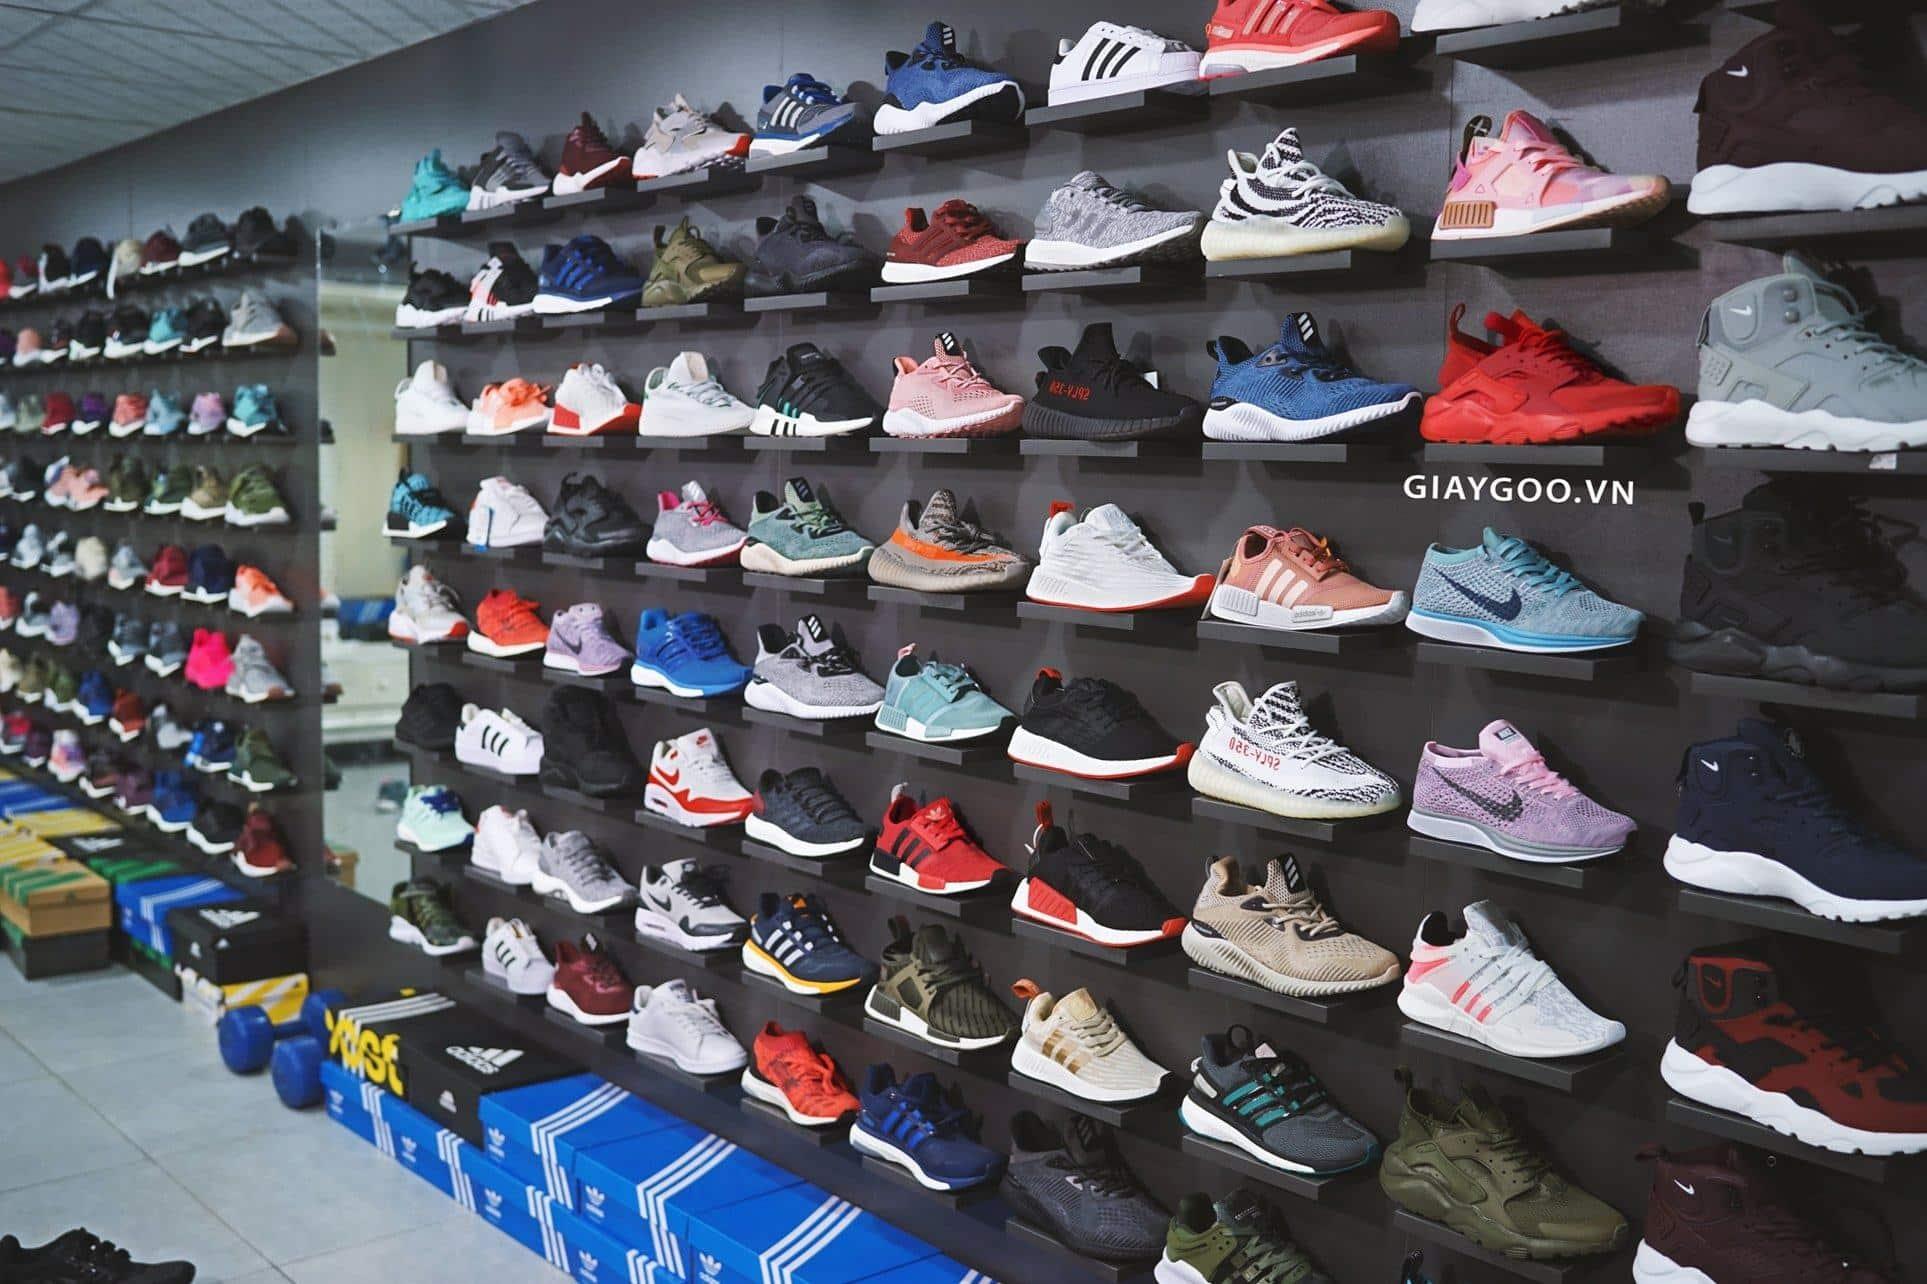 Shop giày thể thao & Sneaker Nam Nữ tpHCM (Bảo Hành Trọn Đời) – GOO STORE